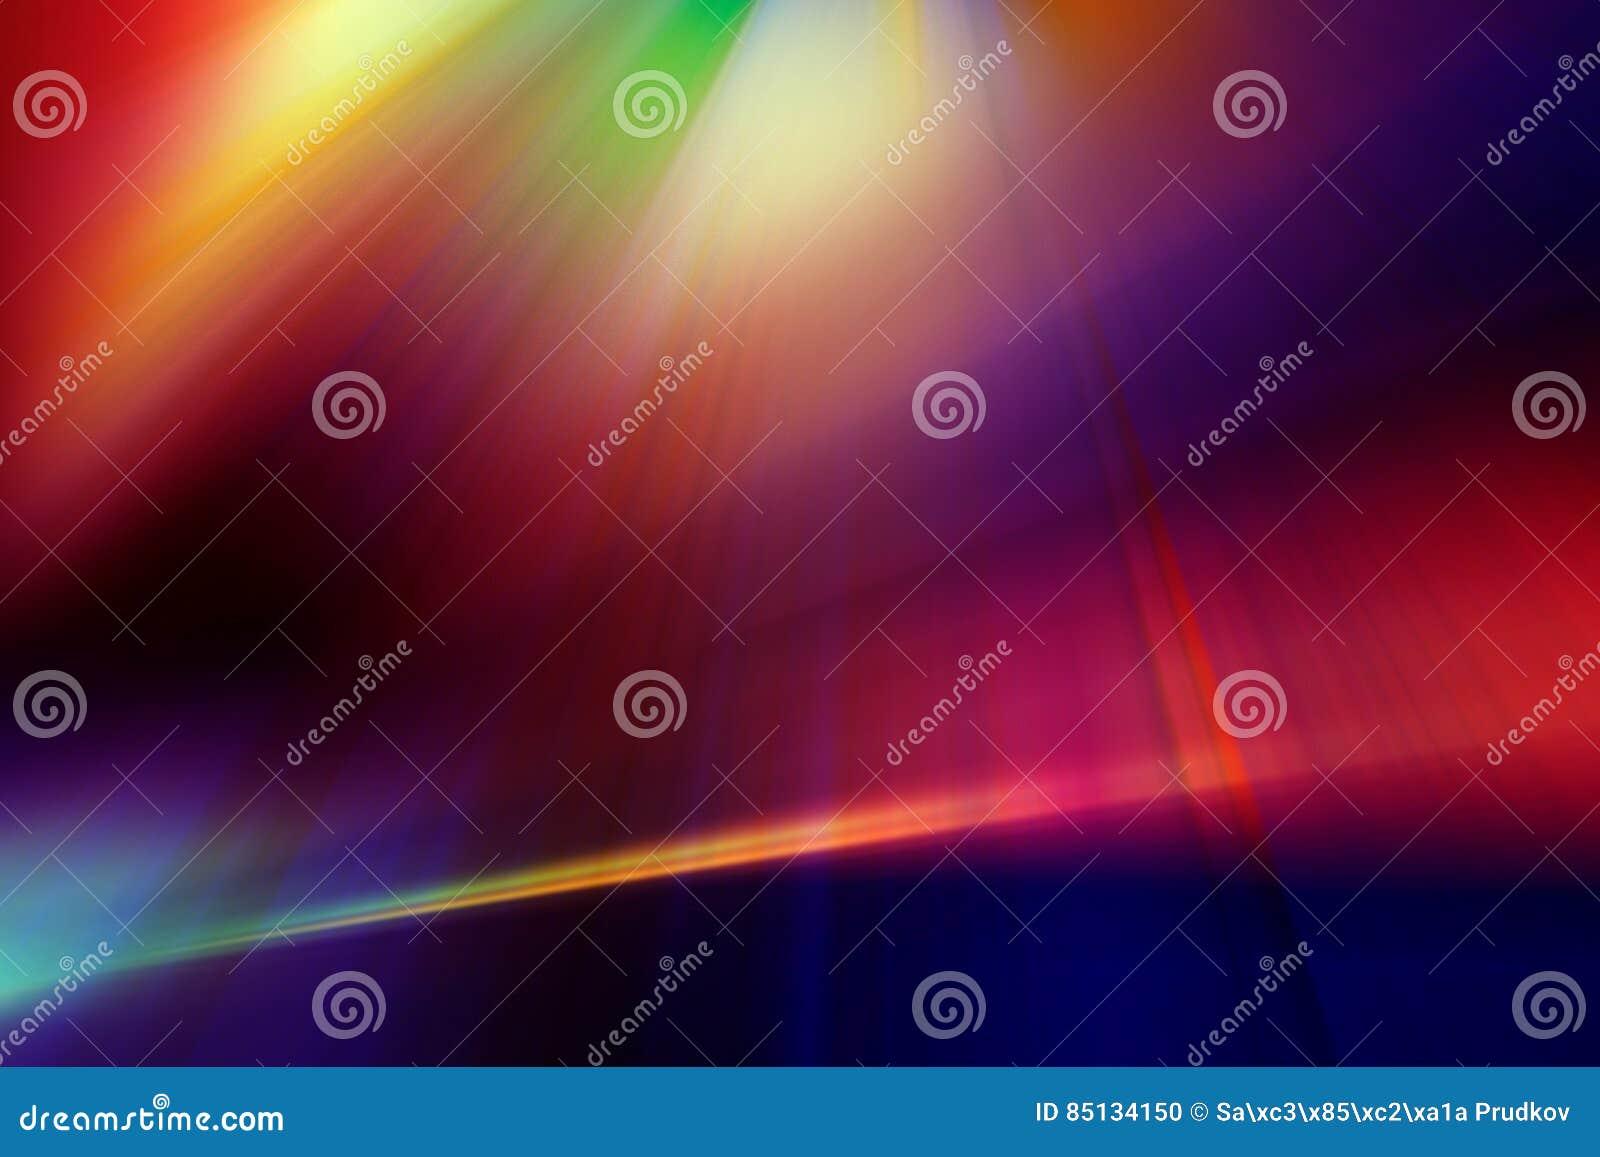 在红色,蓝色,紫色和黄色颜色的抽象背景